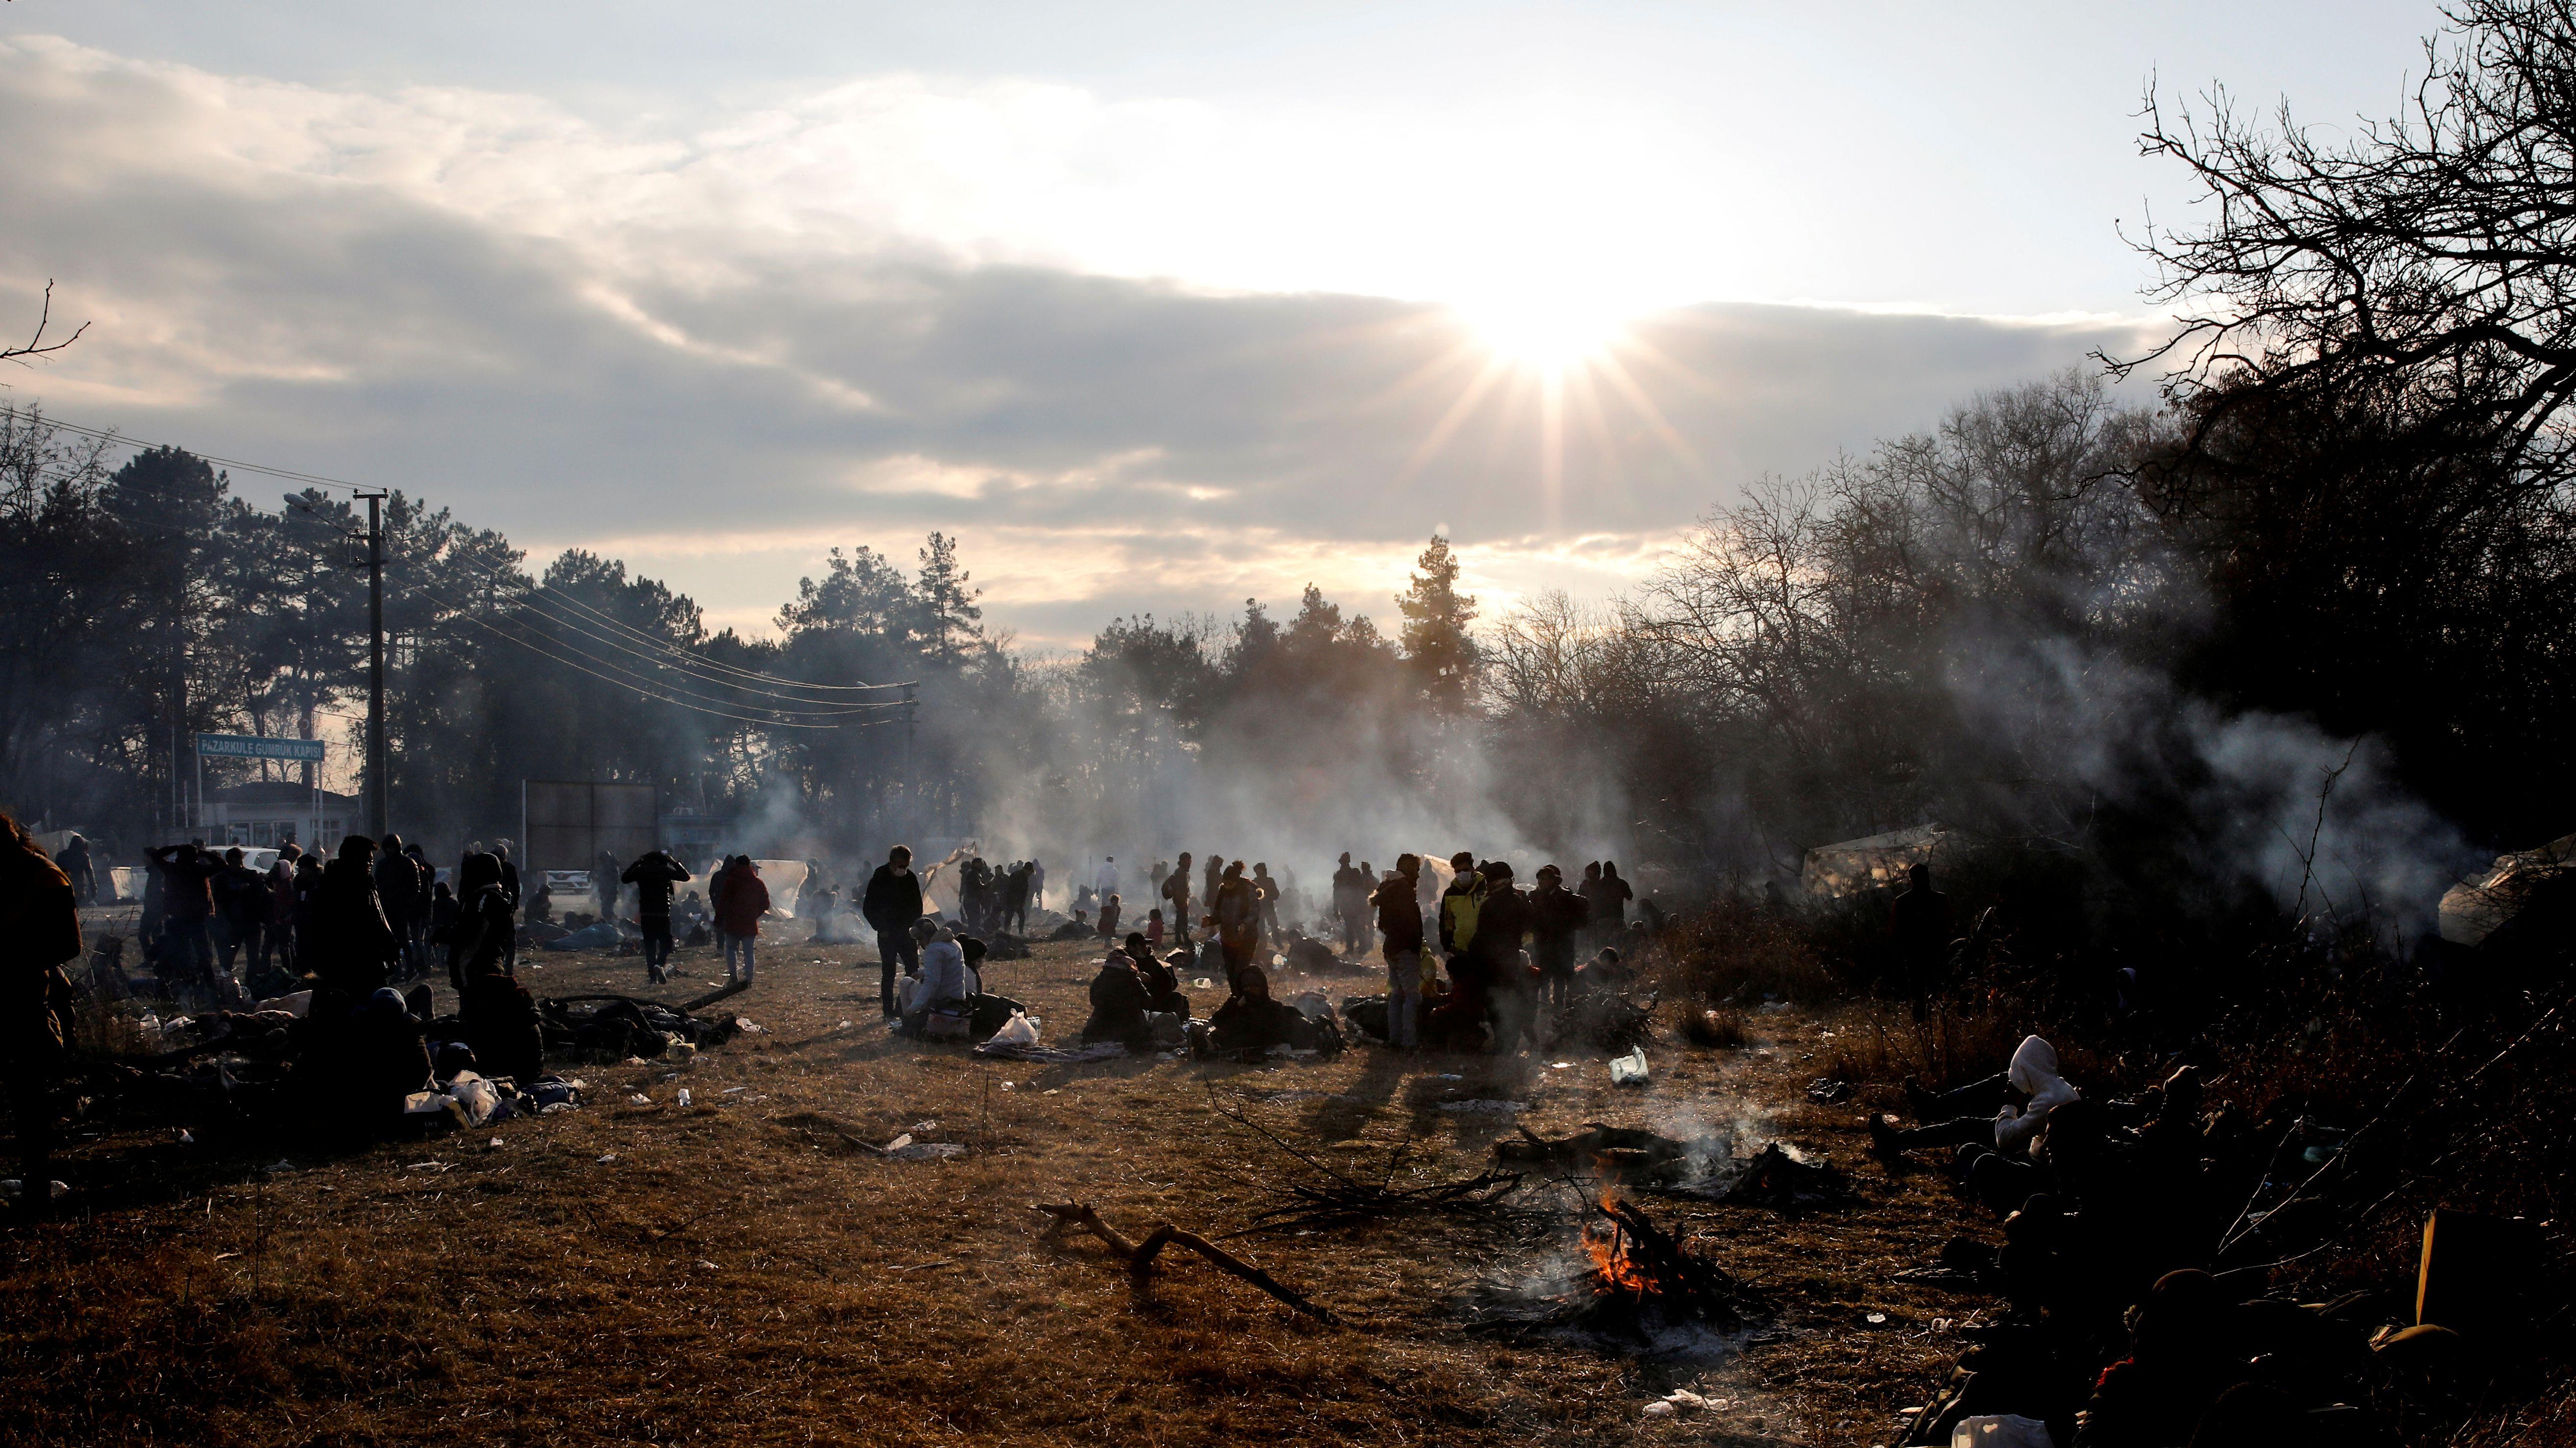 Bei eisigen Temperaturen campieren Menschen im Freien unweit der griechischen Grenze.